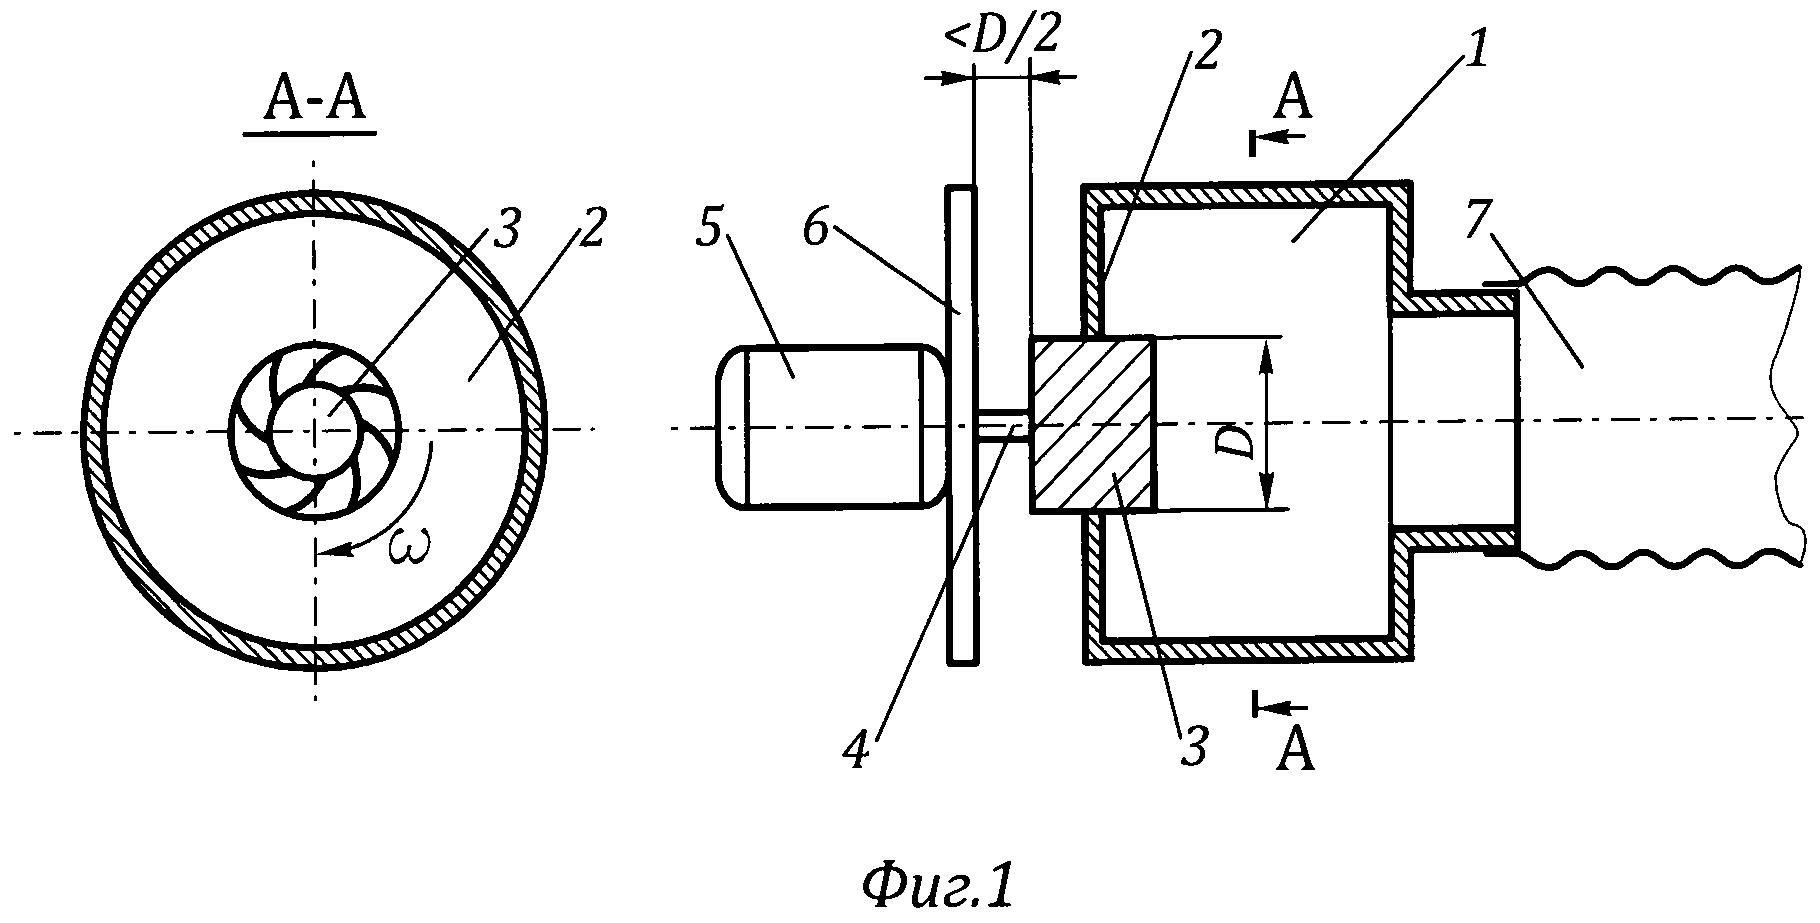 Способ генерирования потока газа для искусственной вентиляции легких и устройство для его осуществления